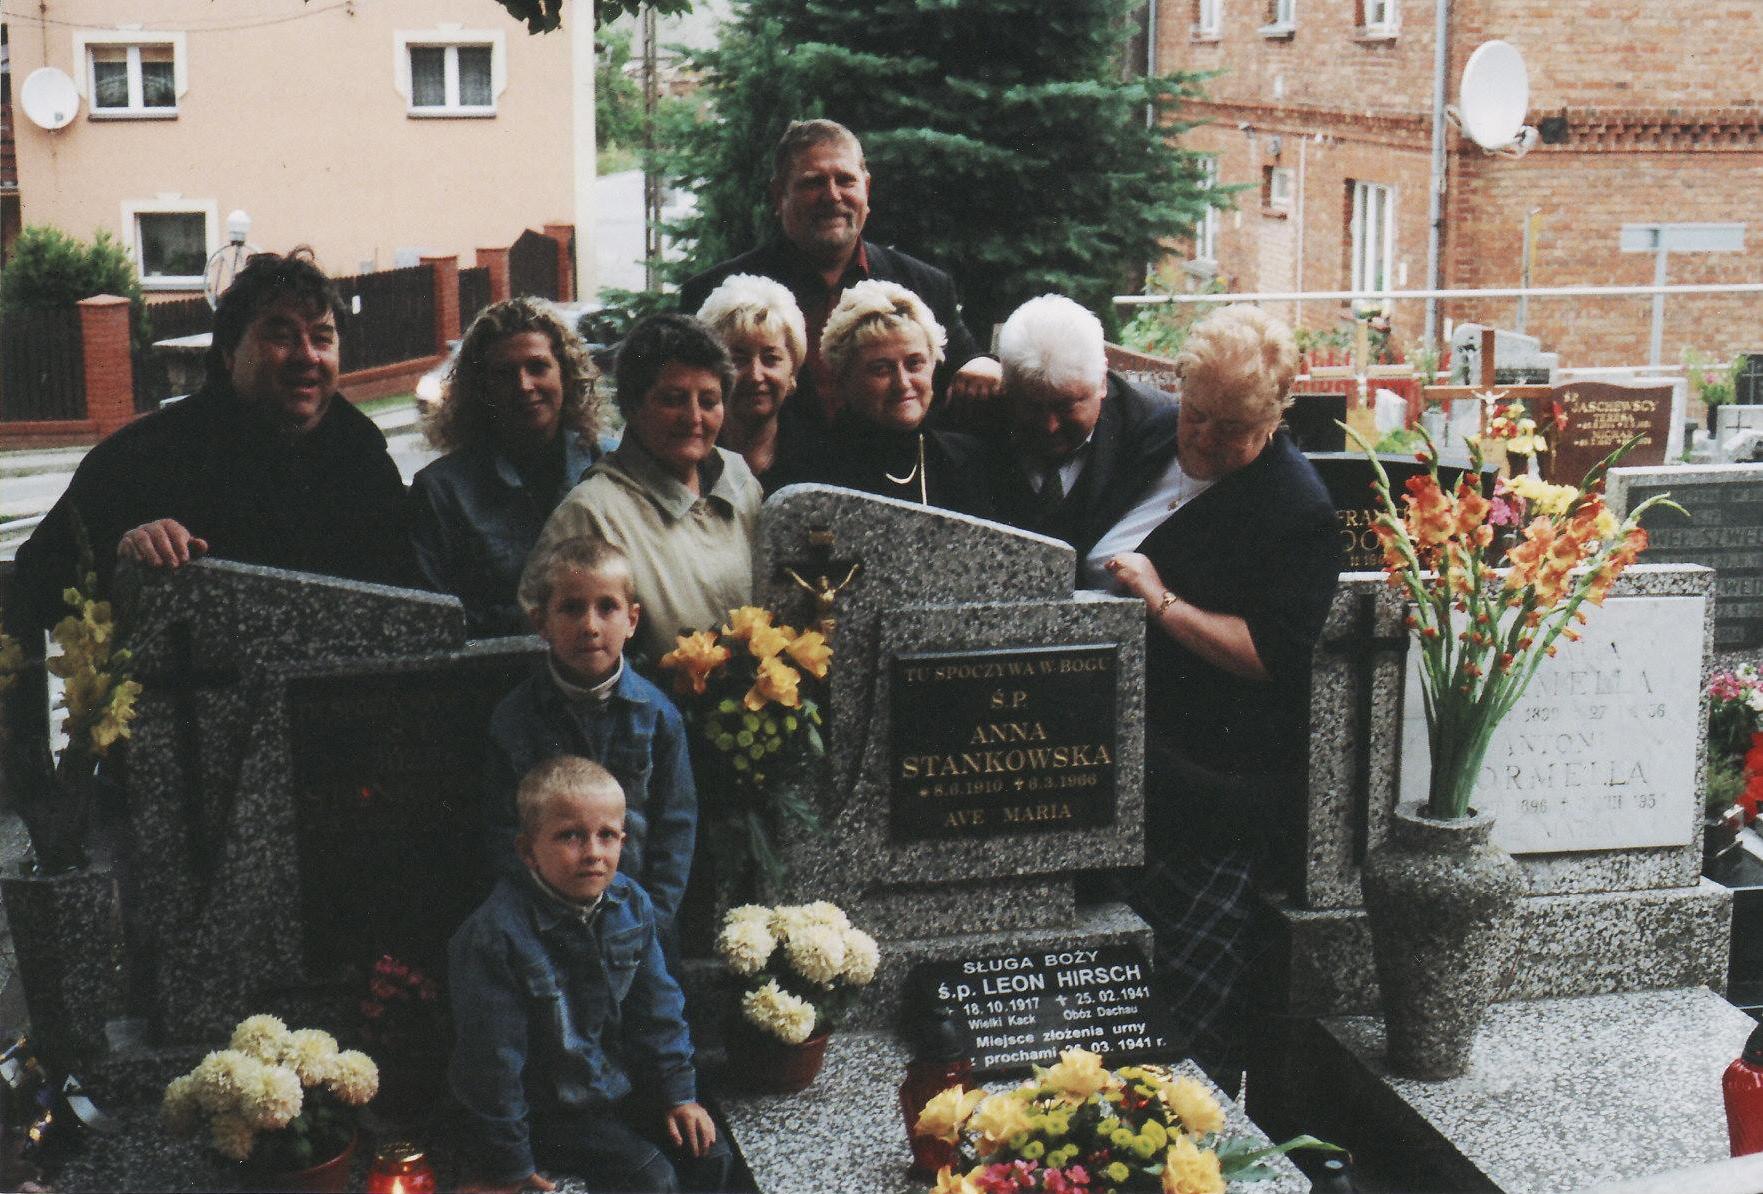 Postulator z krewnymi Sługi Bożego Leona (W tym grobie jest umieszczona urna z prochami Sługi Bożego Leona Hirsch